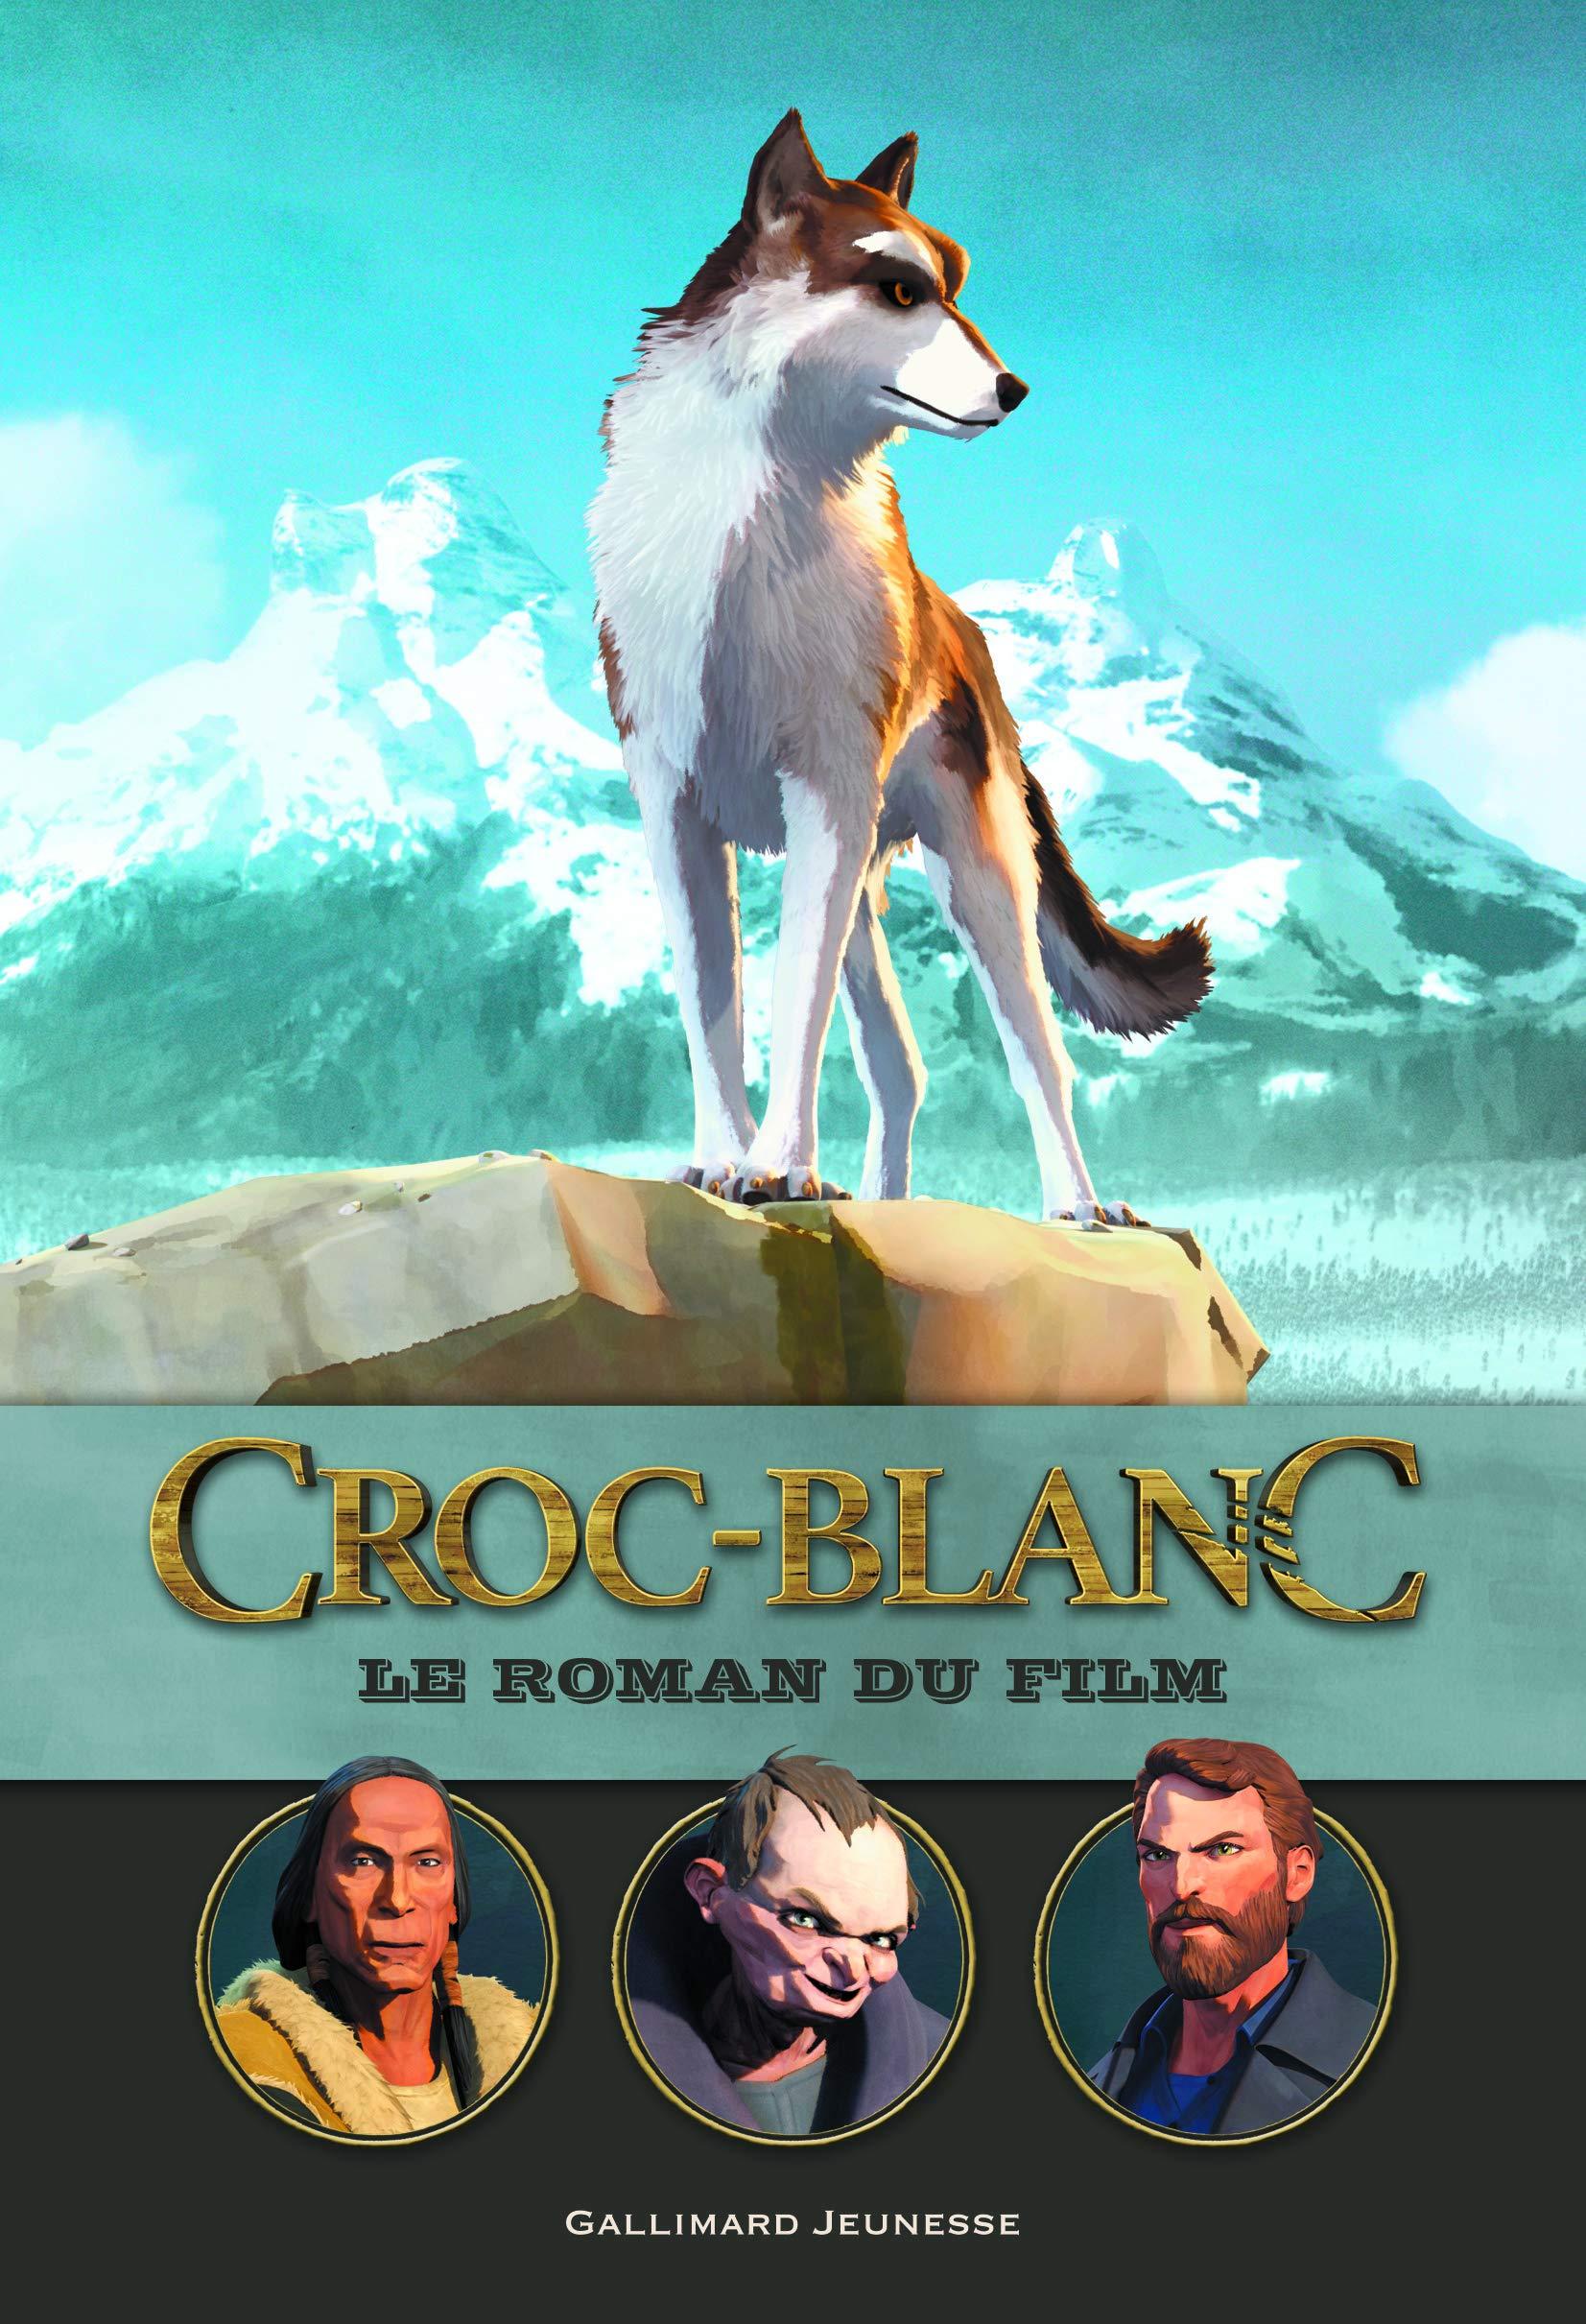 Livres Croc Blanc Le Collectif Du Film Roman qYFOwqp